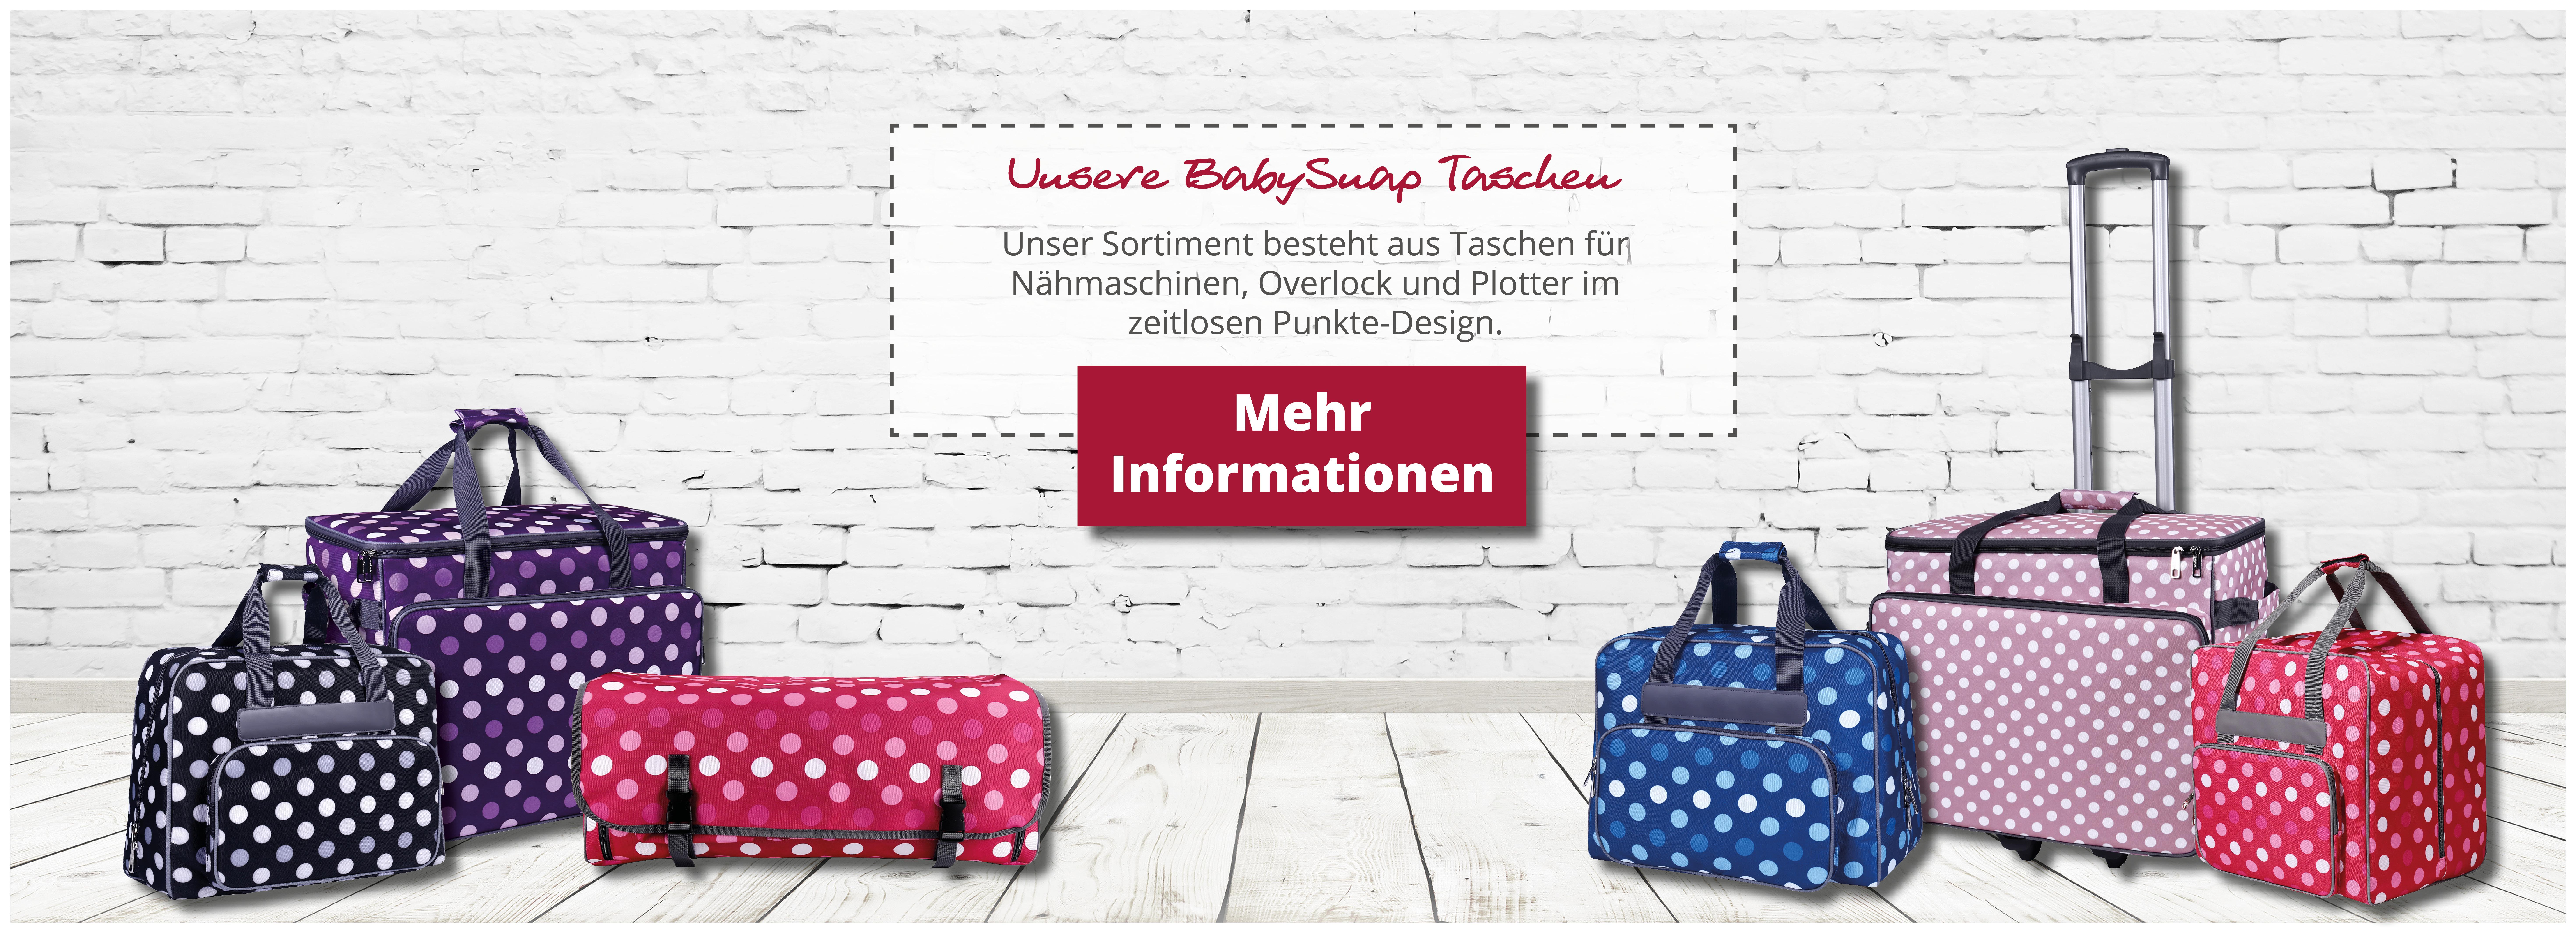 BabySnap Taschenlinie